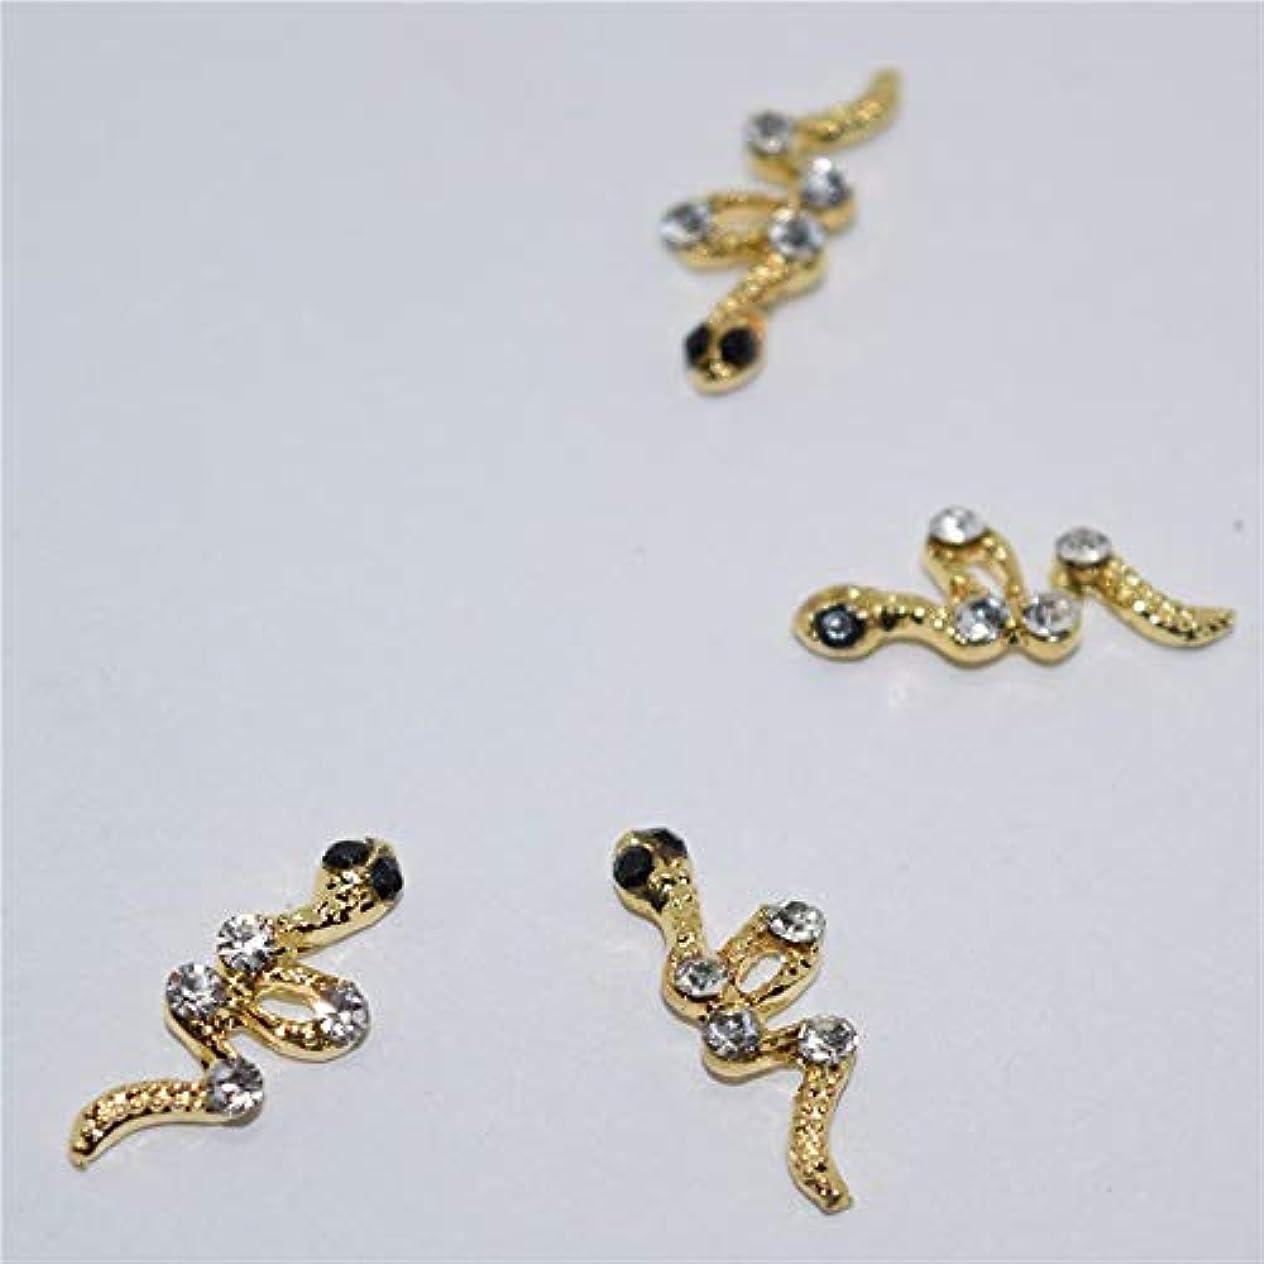 ノイズ便宜ほうき10個入りゴールデンスネーク動物の3Dネイルアートの装飾合金ネイルチャームネイルズラインストーンネイル用品